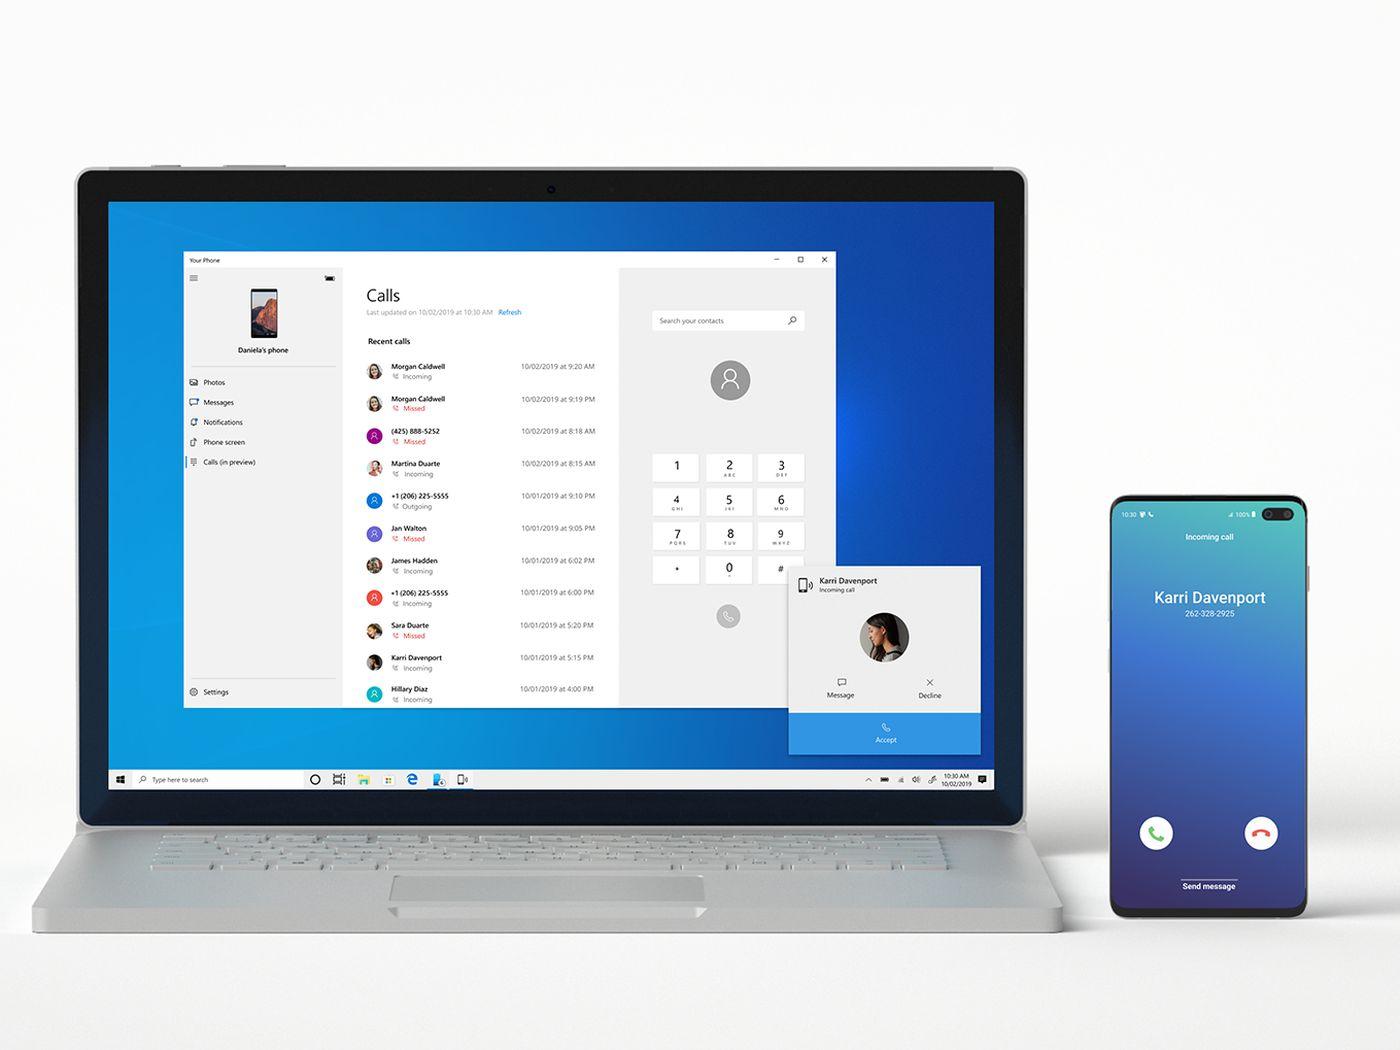 افضل تطبيقات ويندوز 10 المجانيه 2020 2